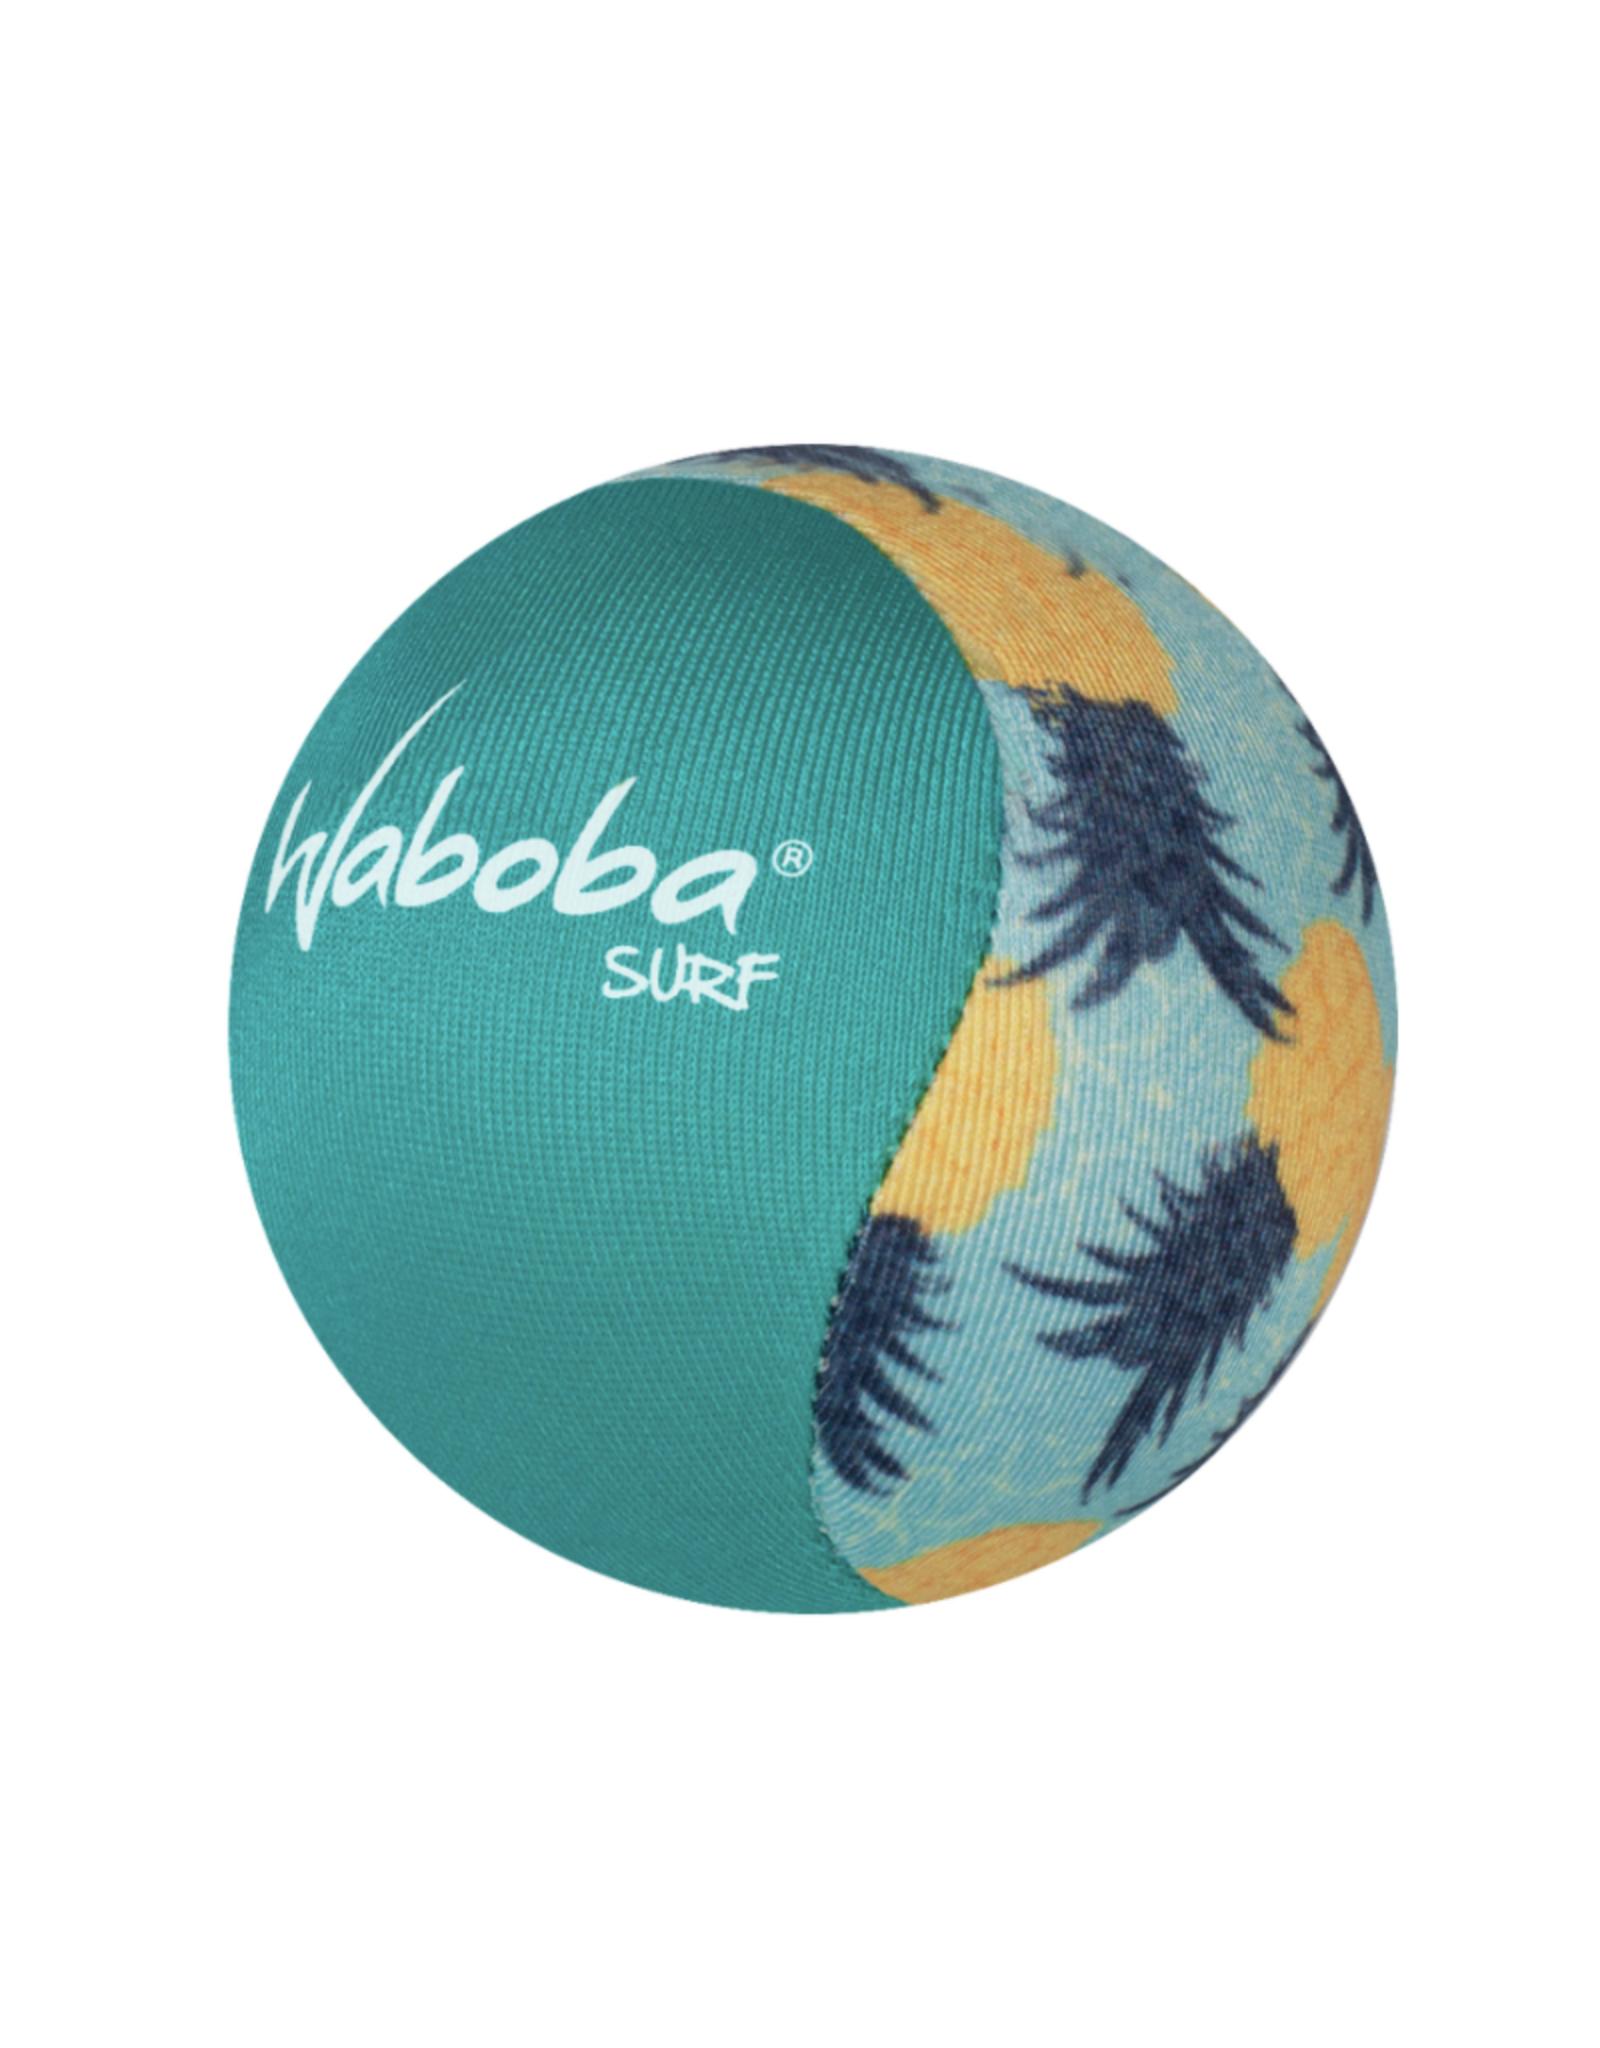 Waboba Waboba - Surf Ball